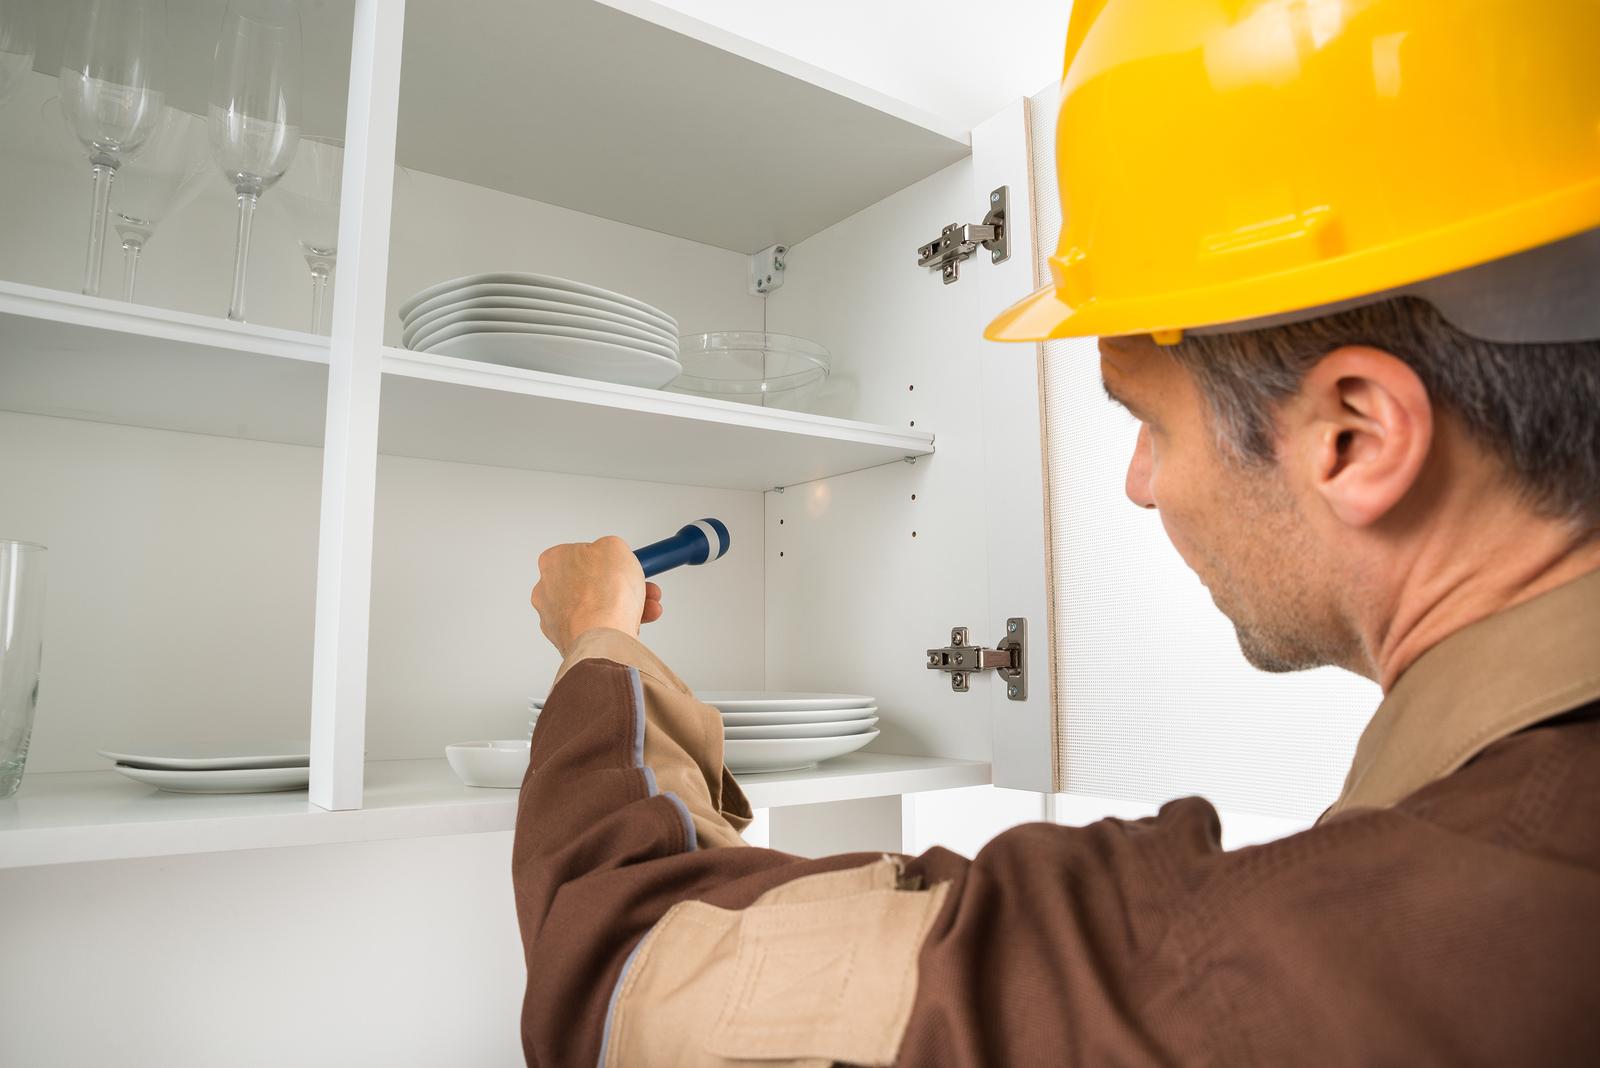 Pest Control Worker Checking Shelf